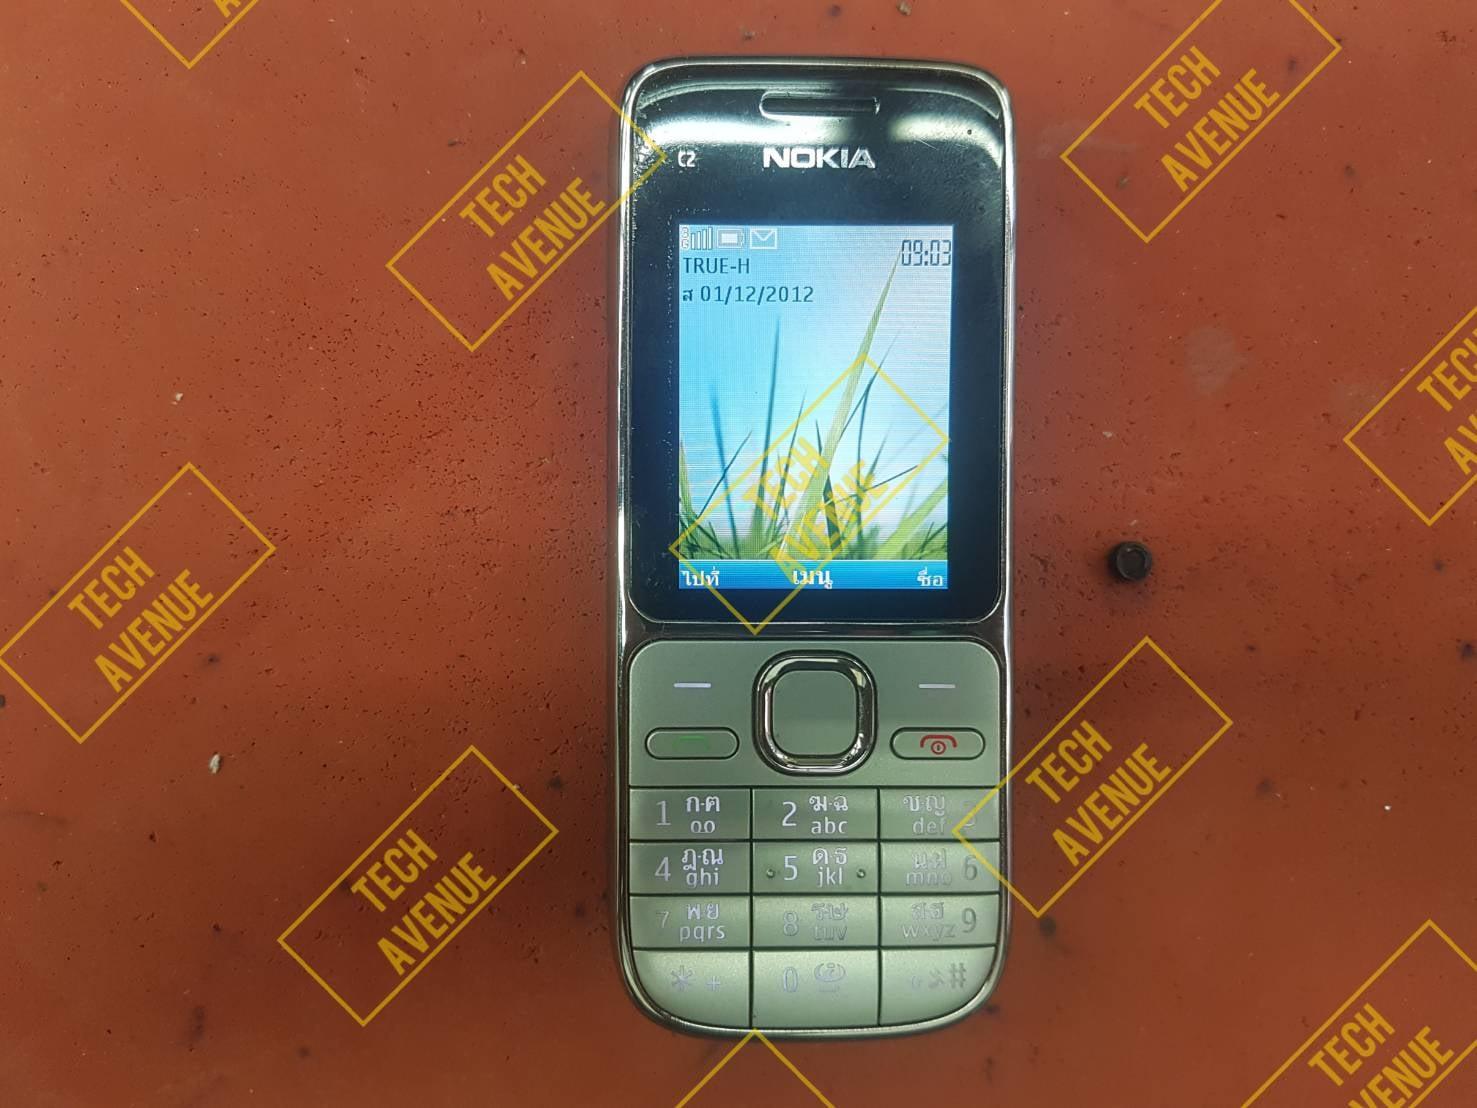 โทรศัพท์ยี่ห้อ Nokia โนเกีย มีอาการเสียอย่างไรบ้าง ซ่อมร้านไหนดี มีการรับประกัน 🥇 ศูนย์ซ่อม โทรศัพท์มือถือ มือถือทุกรุ่น ทุกยี่ห้อ iPhone | Apple | Samsung | Huawei